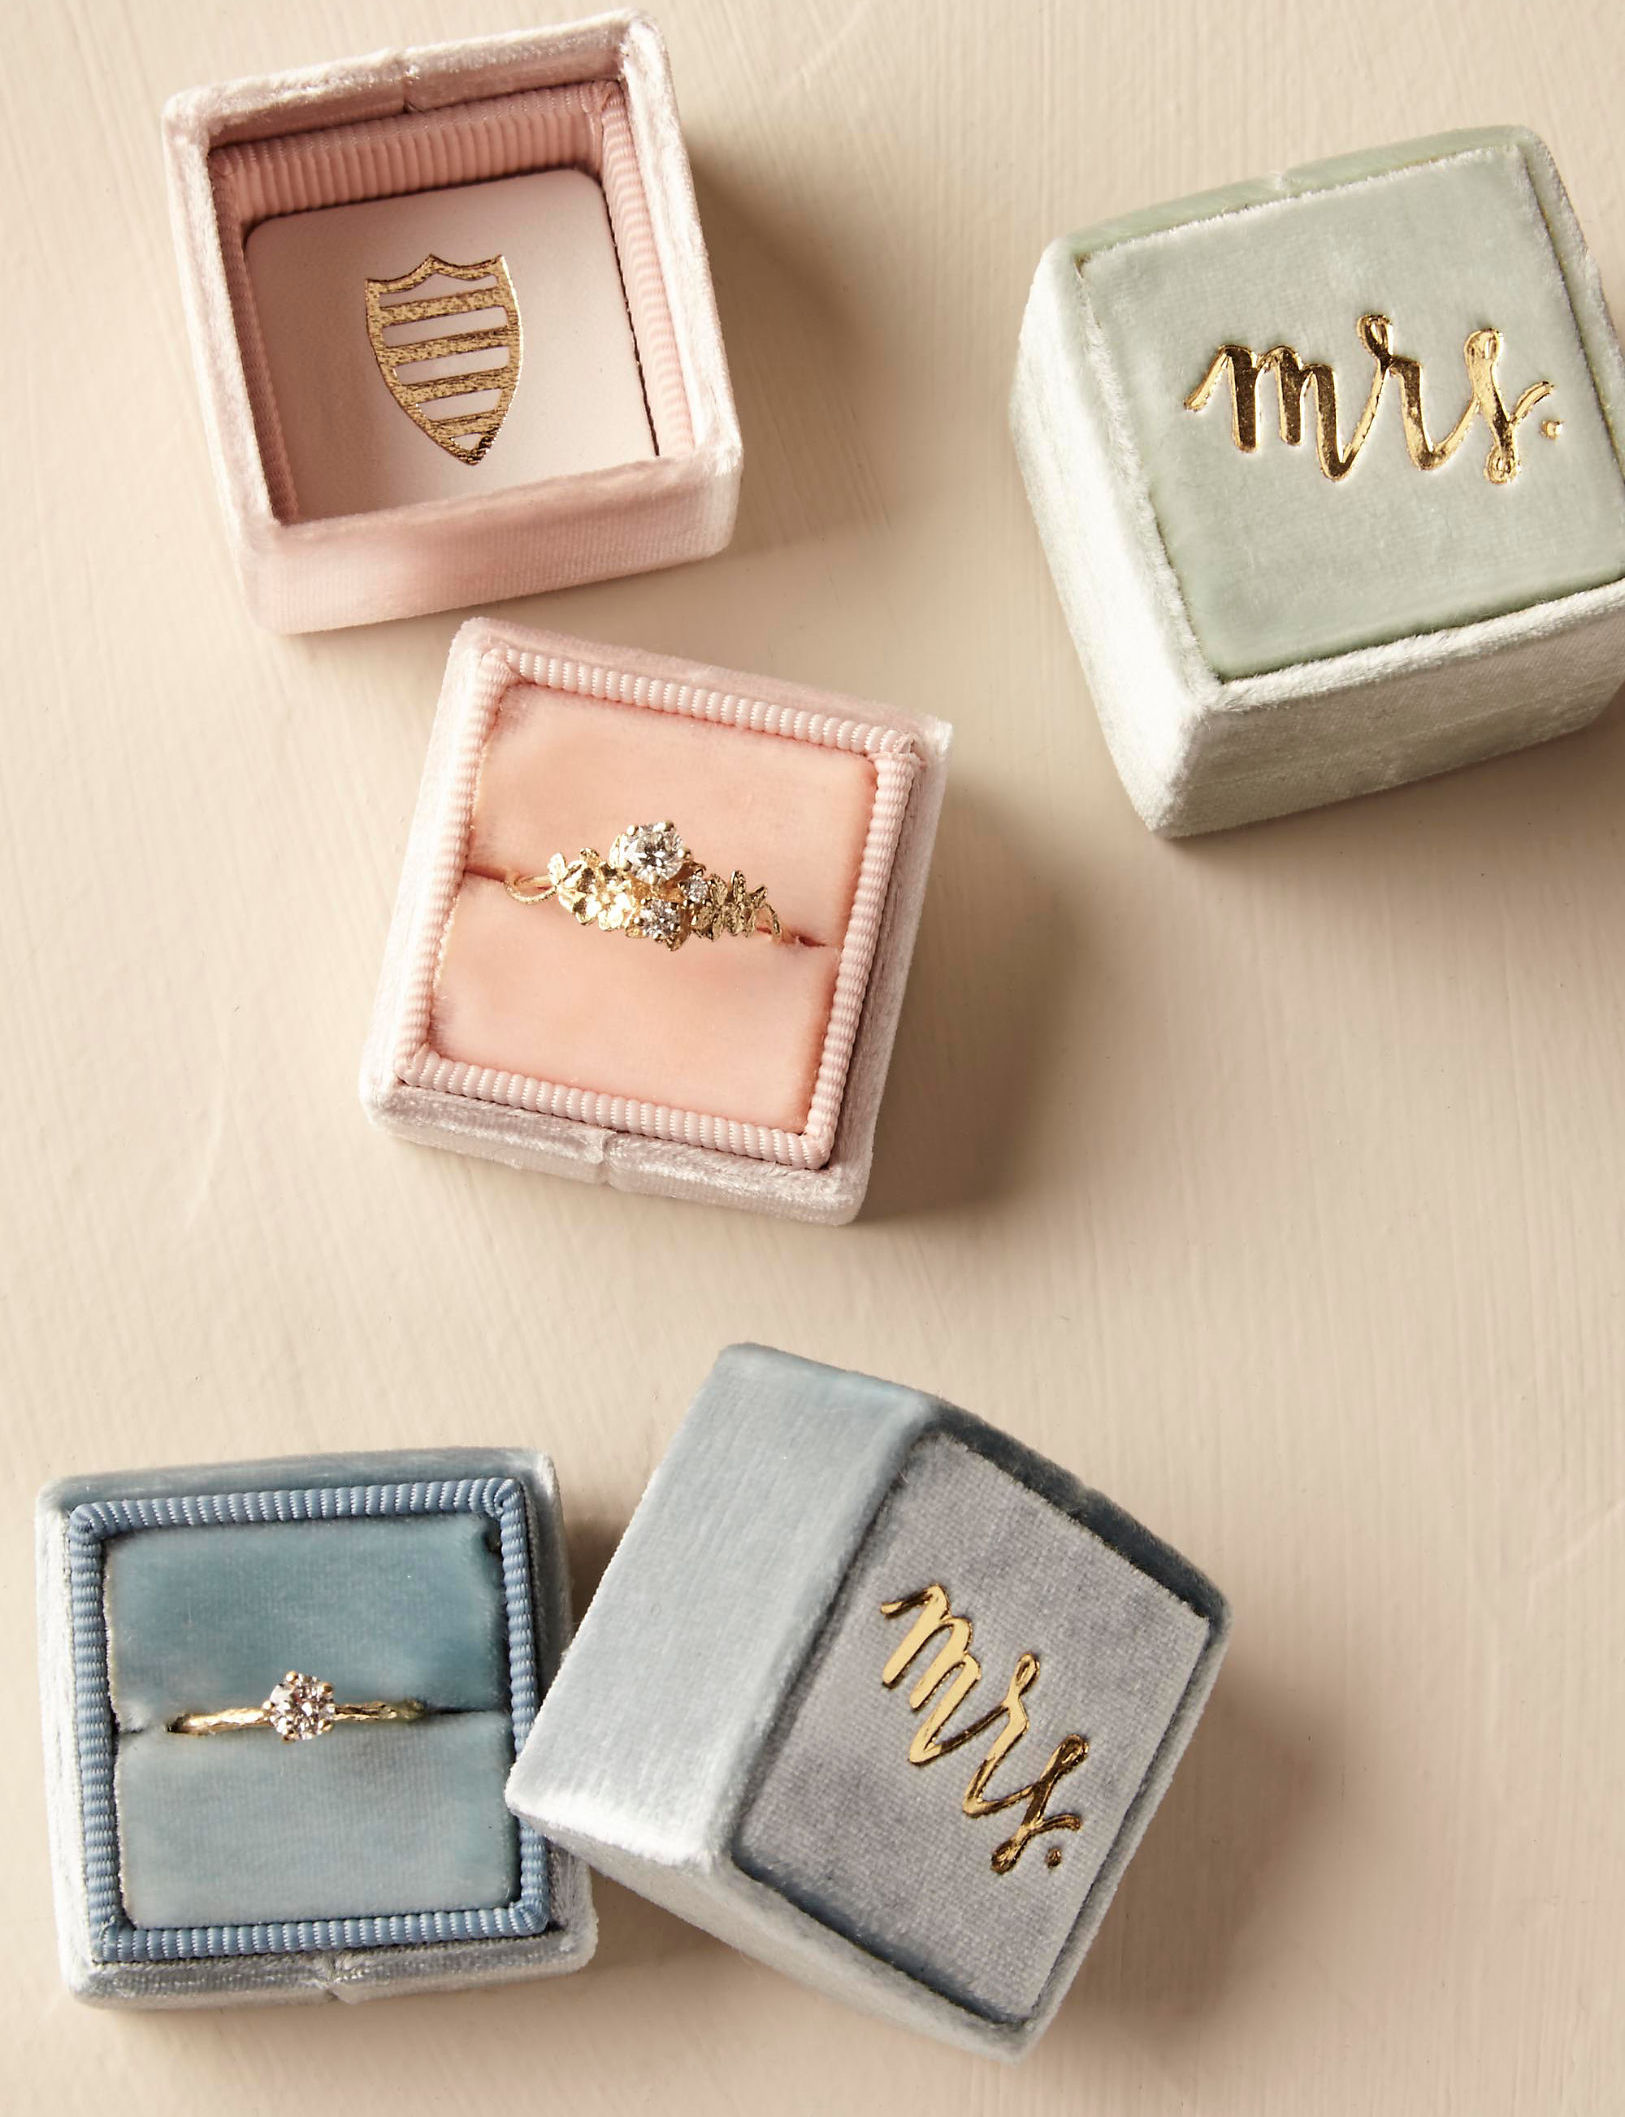 Velvet The Mrs. Box ring box with engagement rings